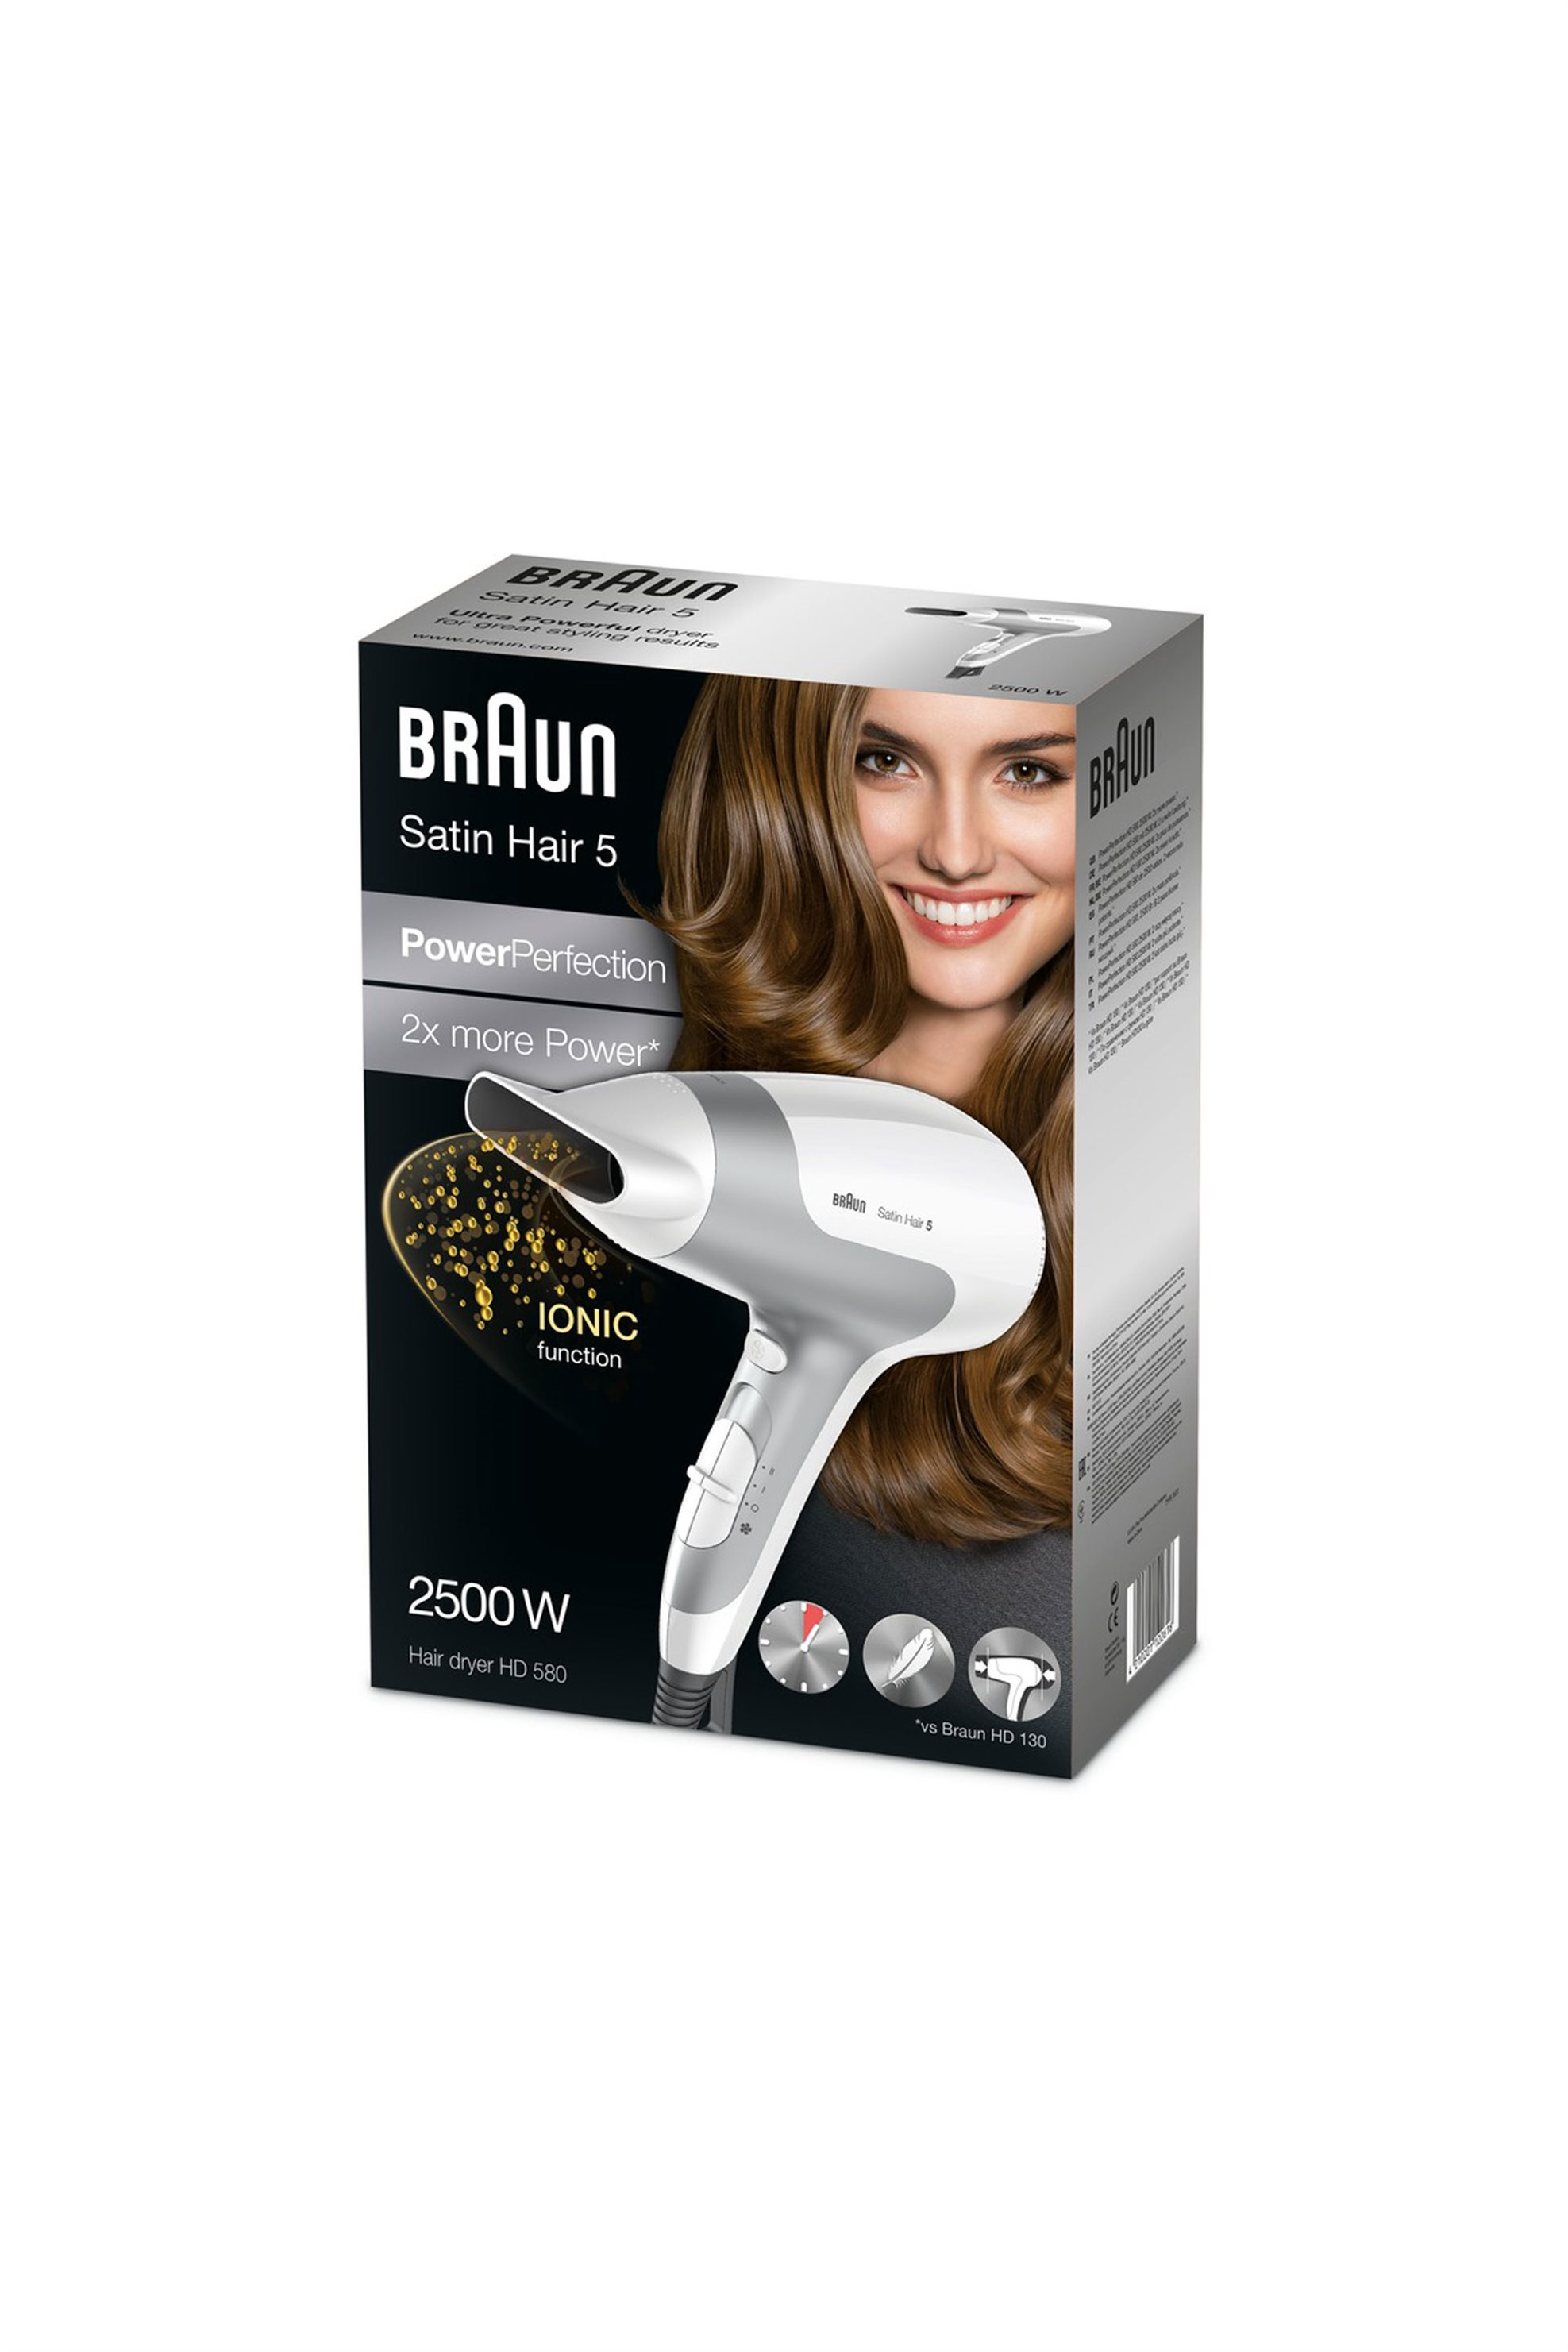 Σεσουάρ μαλλιών HD580 Satin Hair 5 Braun - HD580 home   συσκευεσ περιποιησησ   πιστολάκια μαλλιών